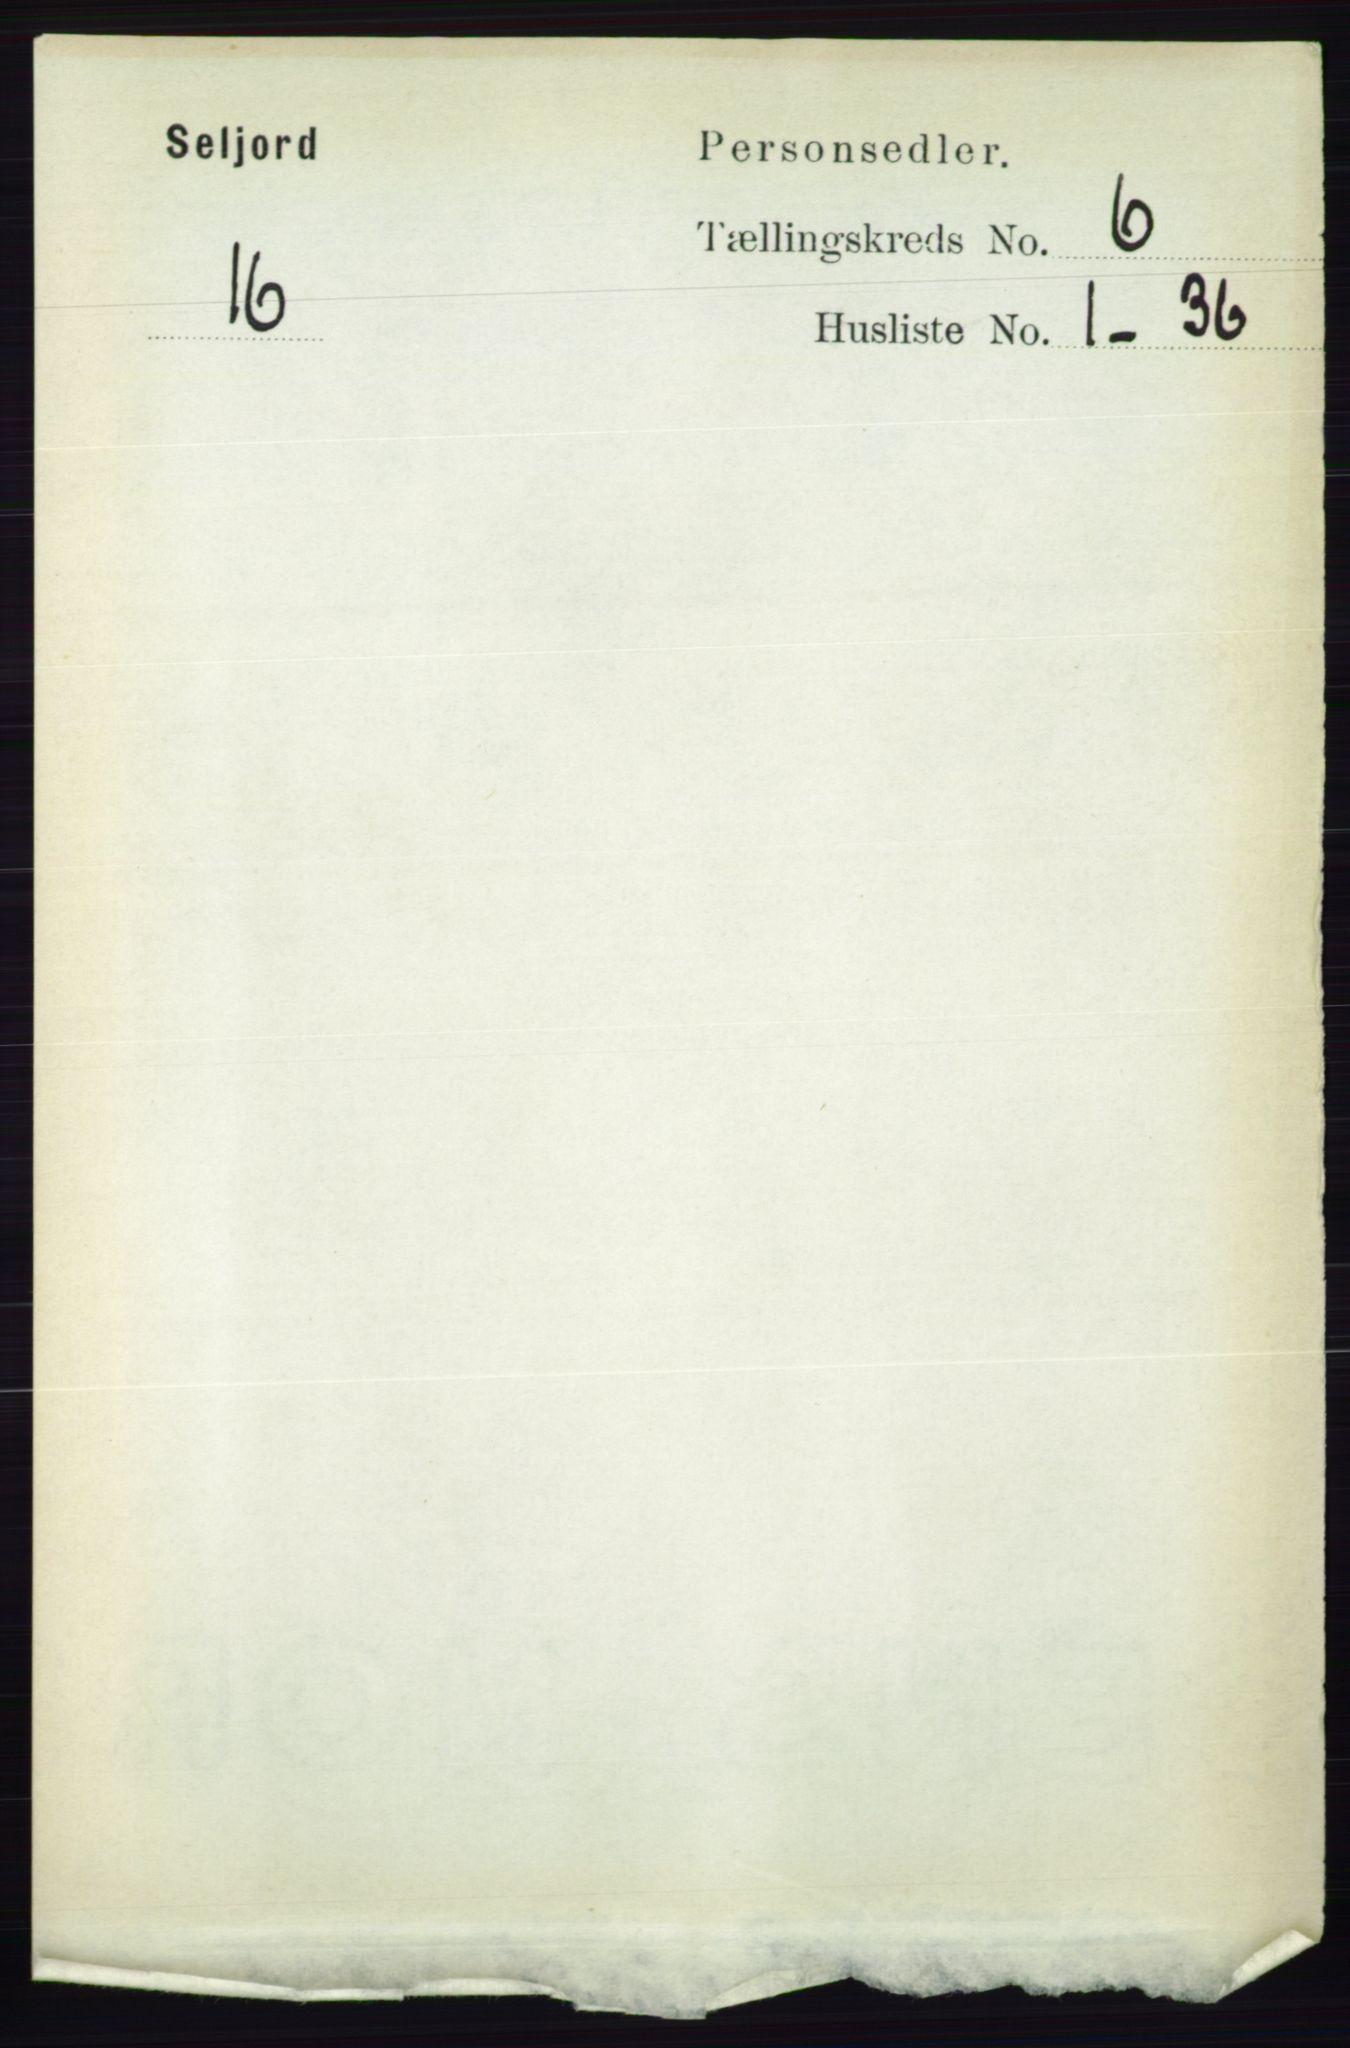 RA, Folketelling 1891 for 0828 Seljord herred, 1891, s. 2207